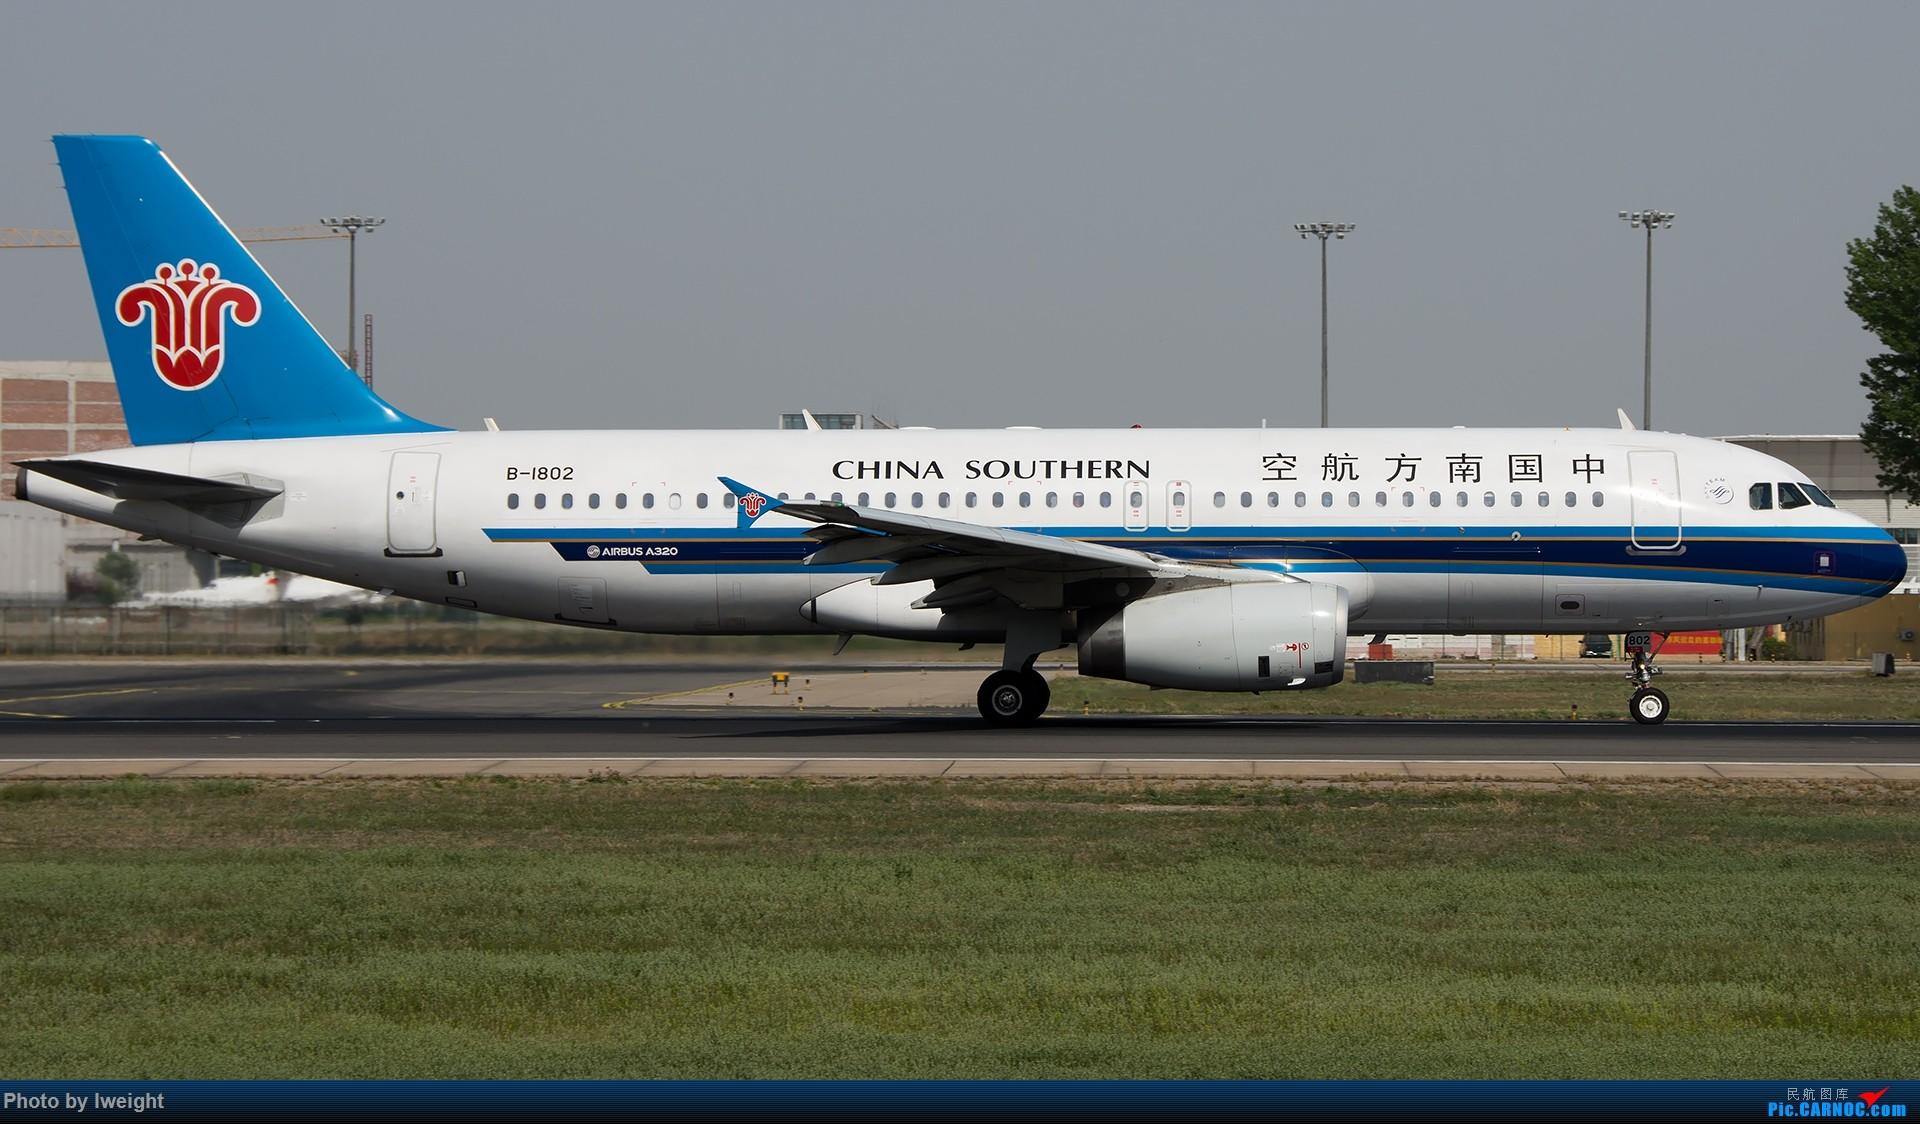 Re:[原创]天气晴朗,继续守候18R【多图】 AIRBUS A320-200 B-1802 中国北京首都国际机场